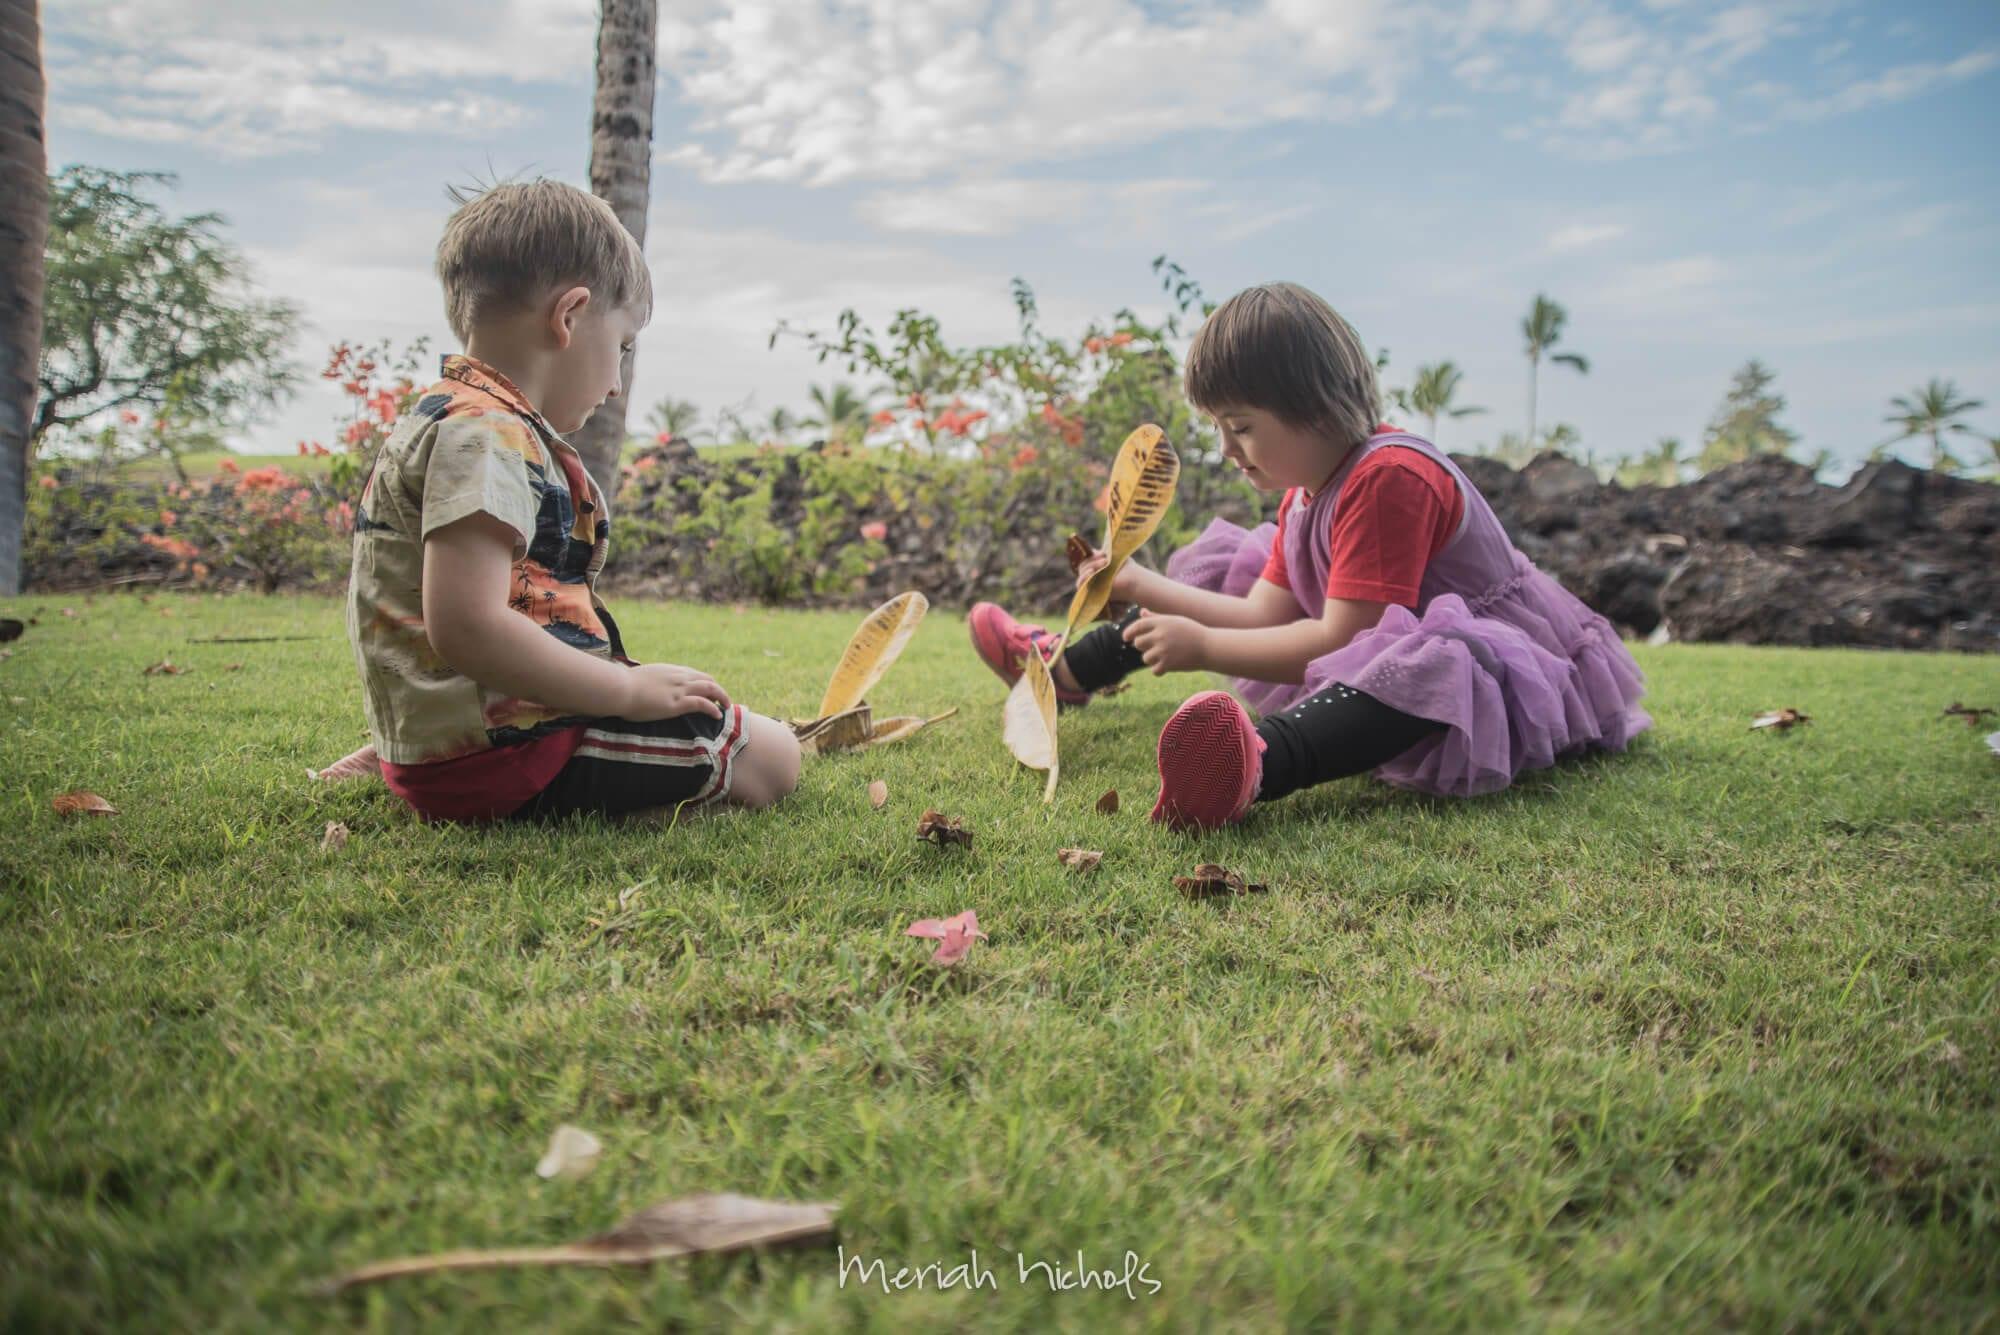 meriah-nichols-hawaii-2016-50